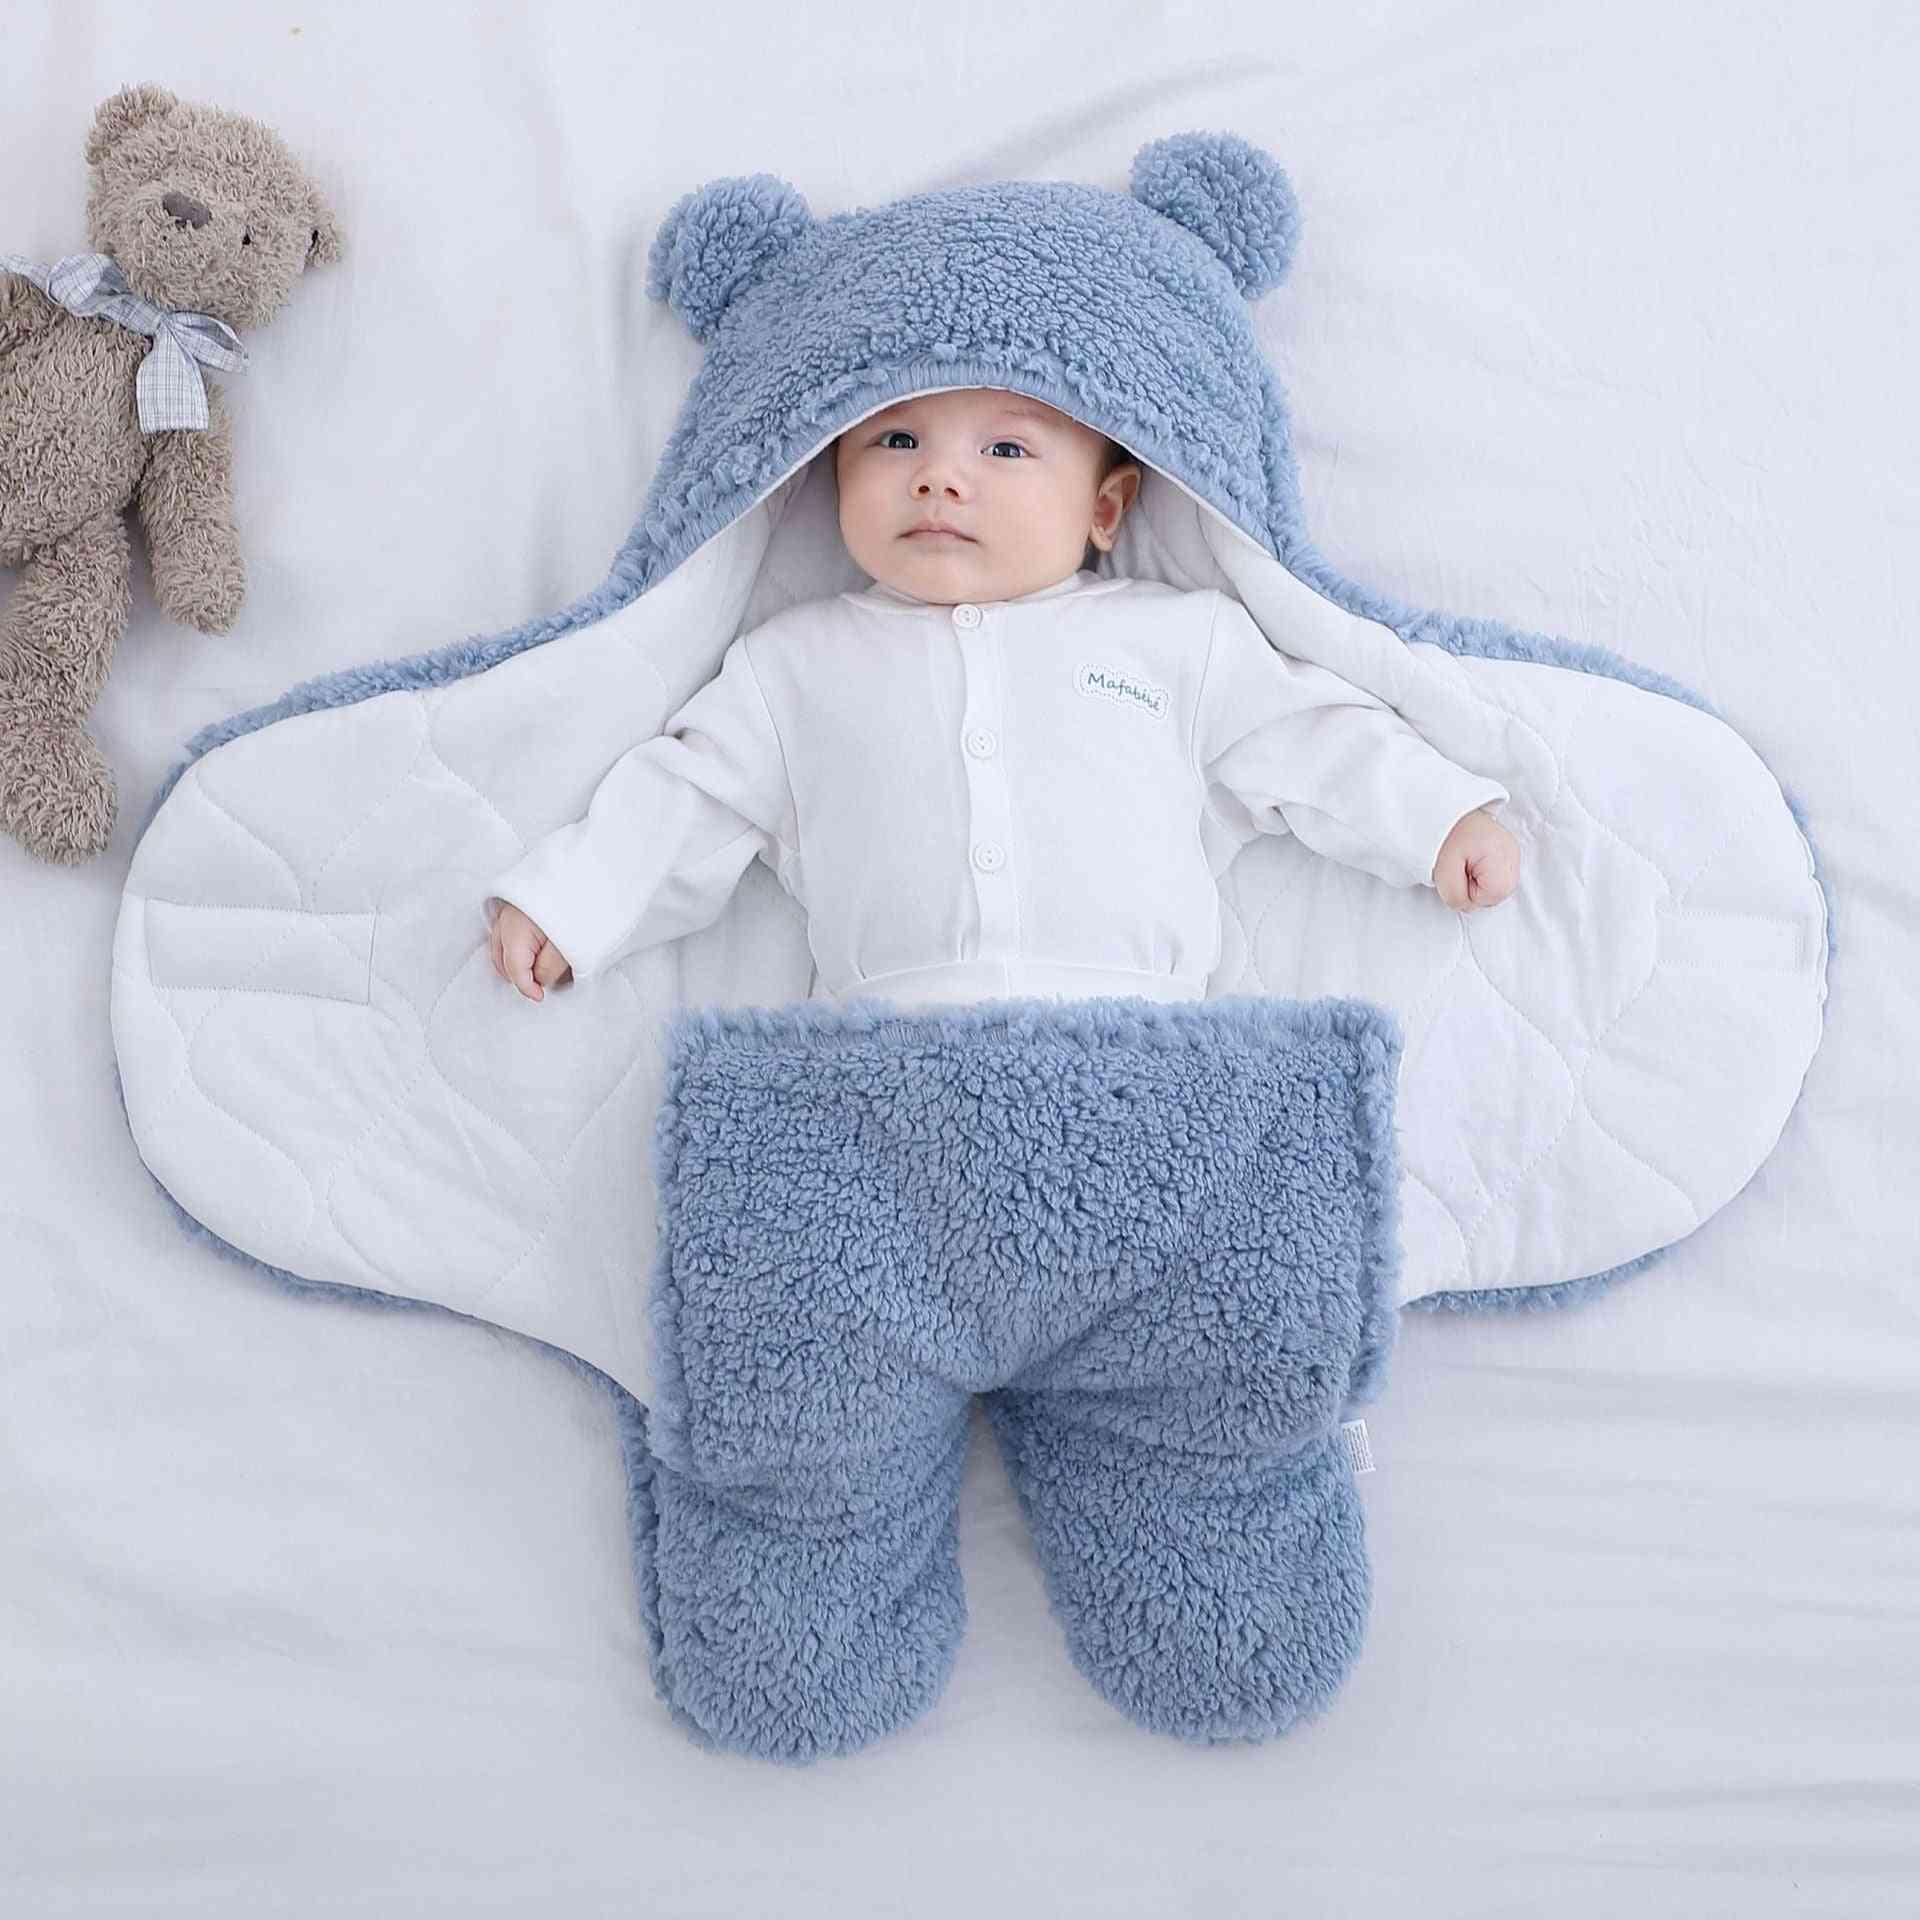 Ultra-soft, Fluffy Newborn Blanket, Sleeping   Swaddle Wrap